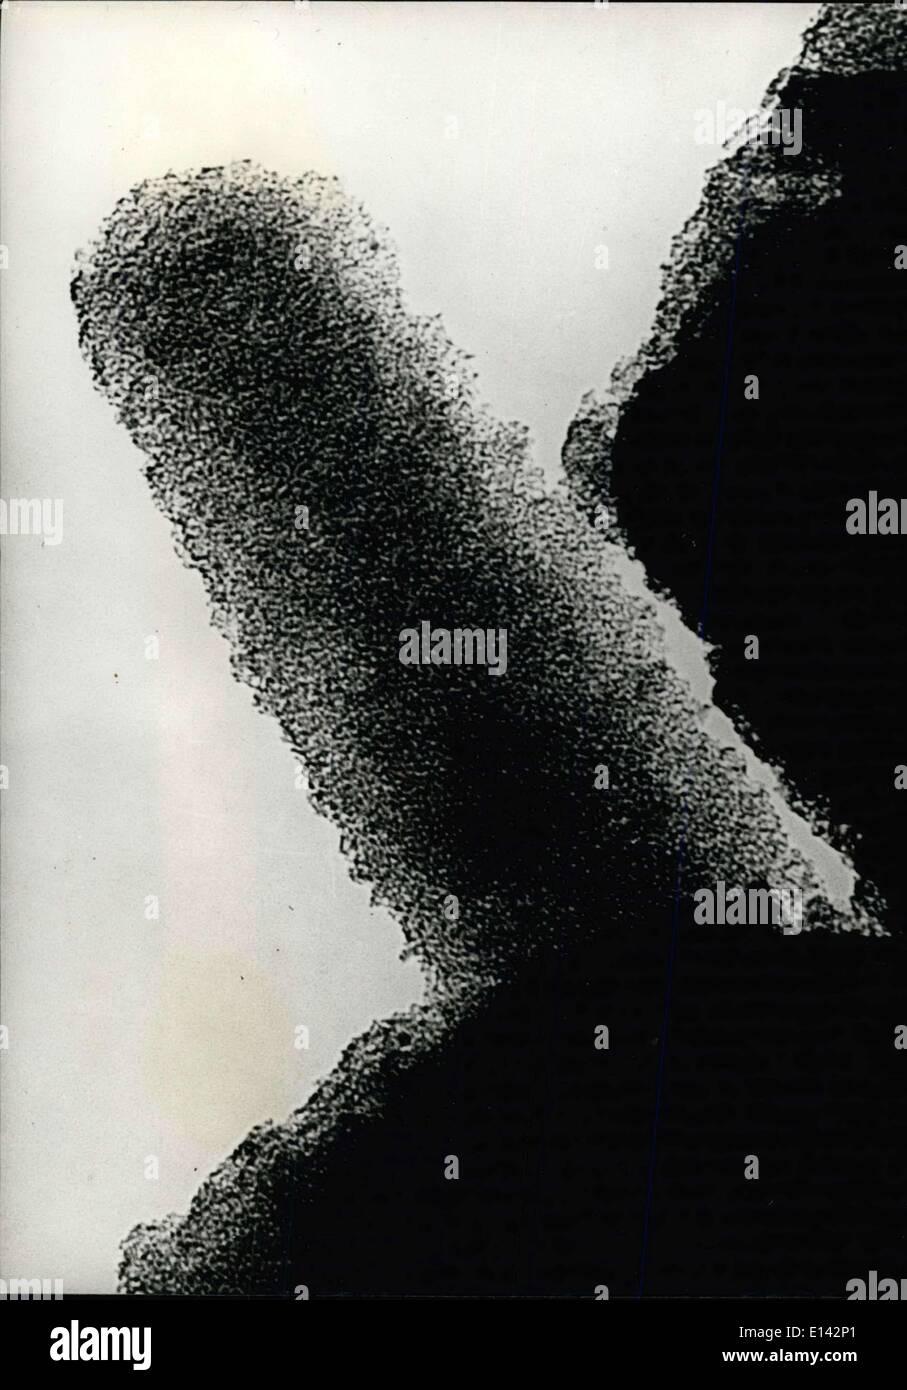 Avril 04, 2012 - les particules de charbon actif 1 000 000 fois élargie par le microscope électronique ressemble à ceci. Photo Stock